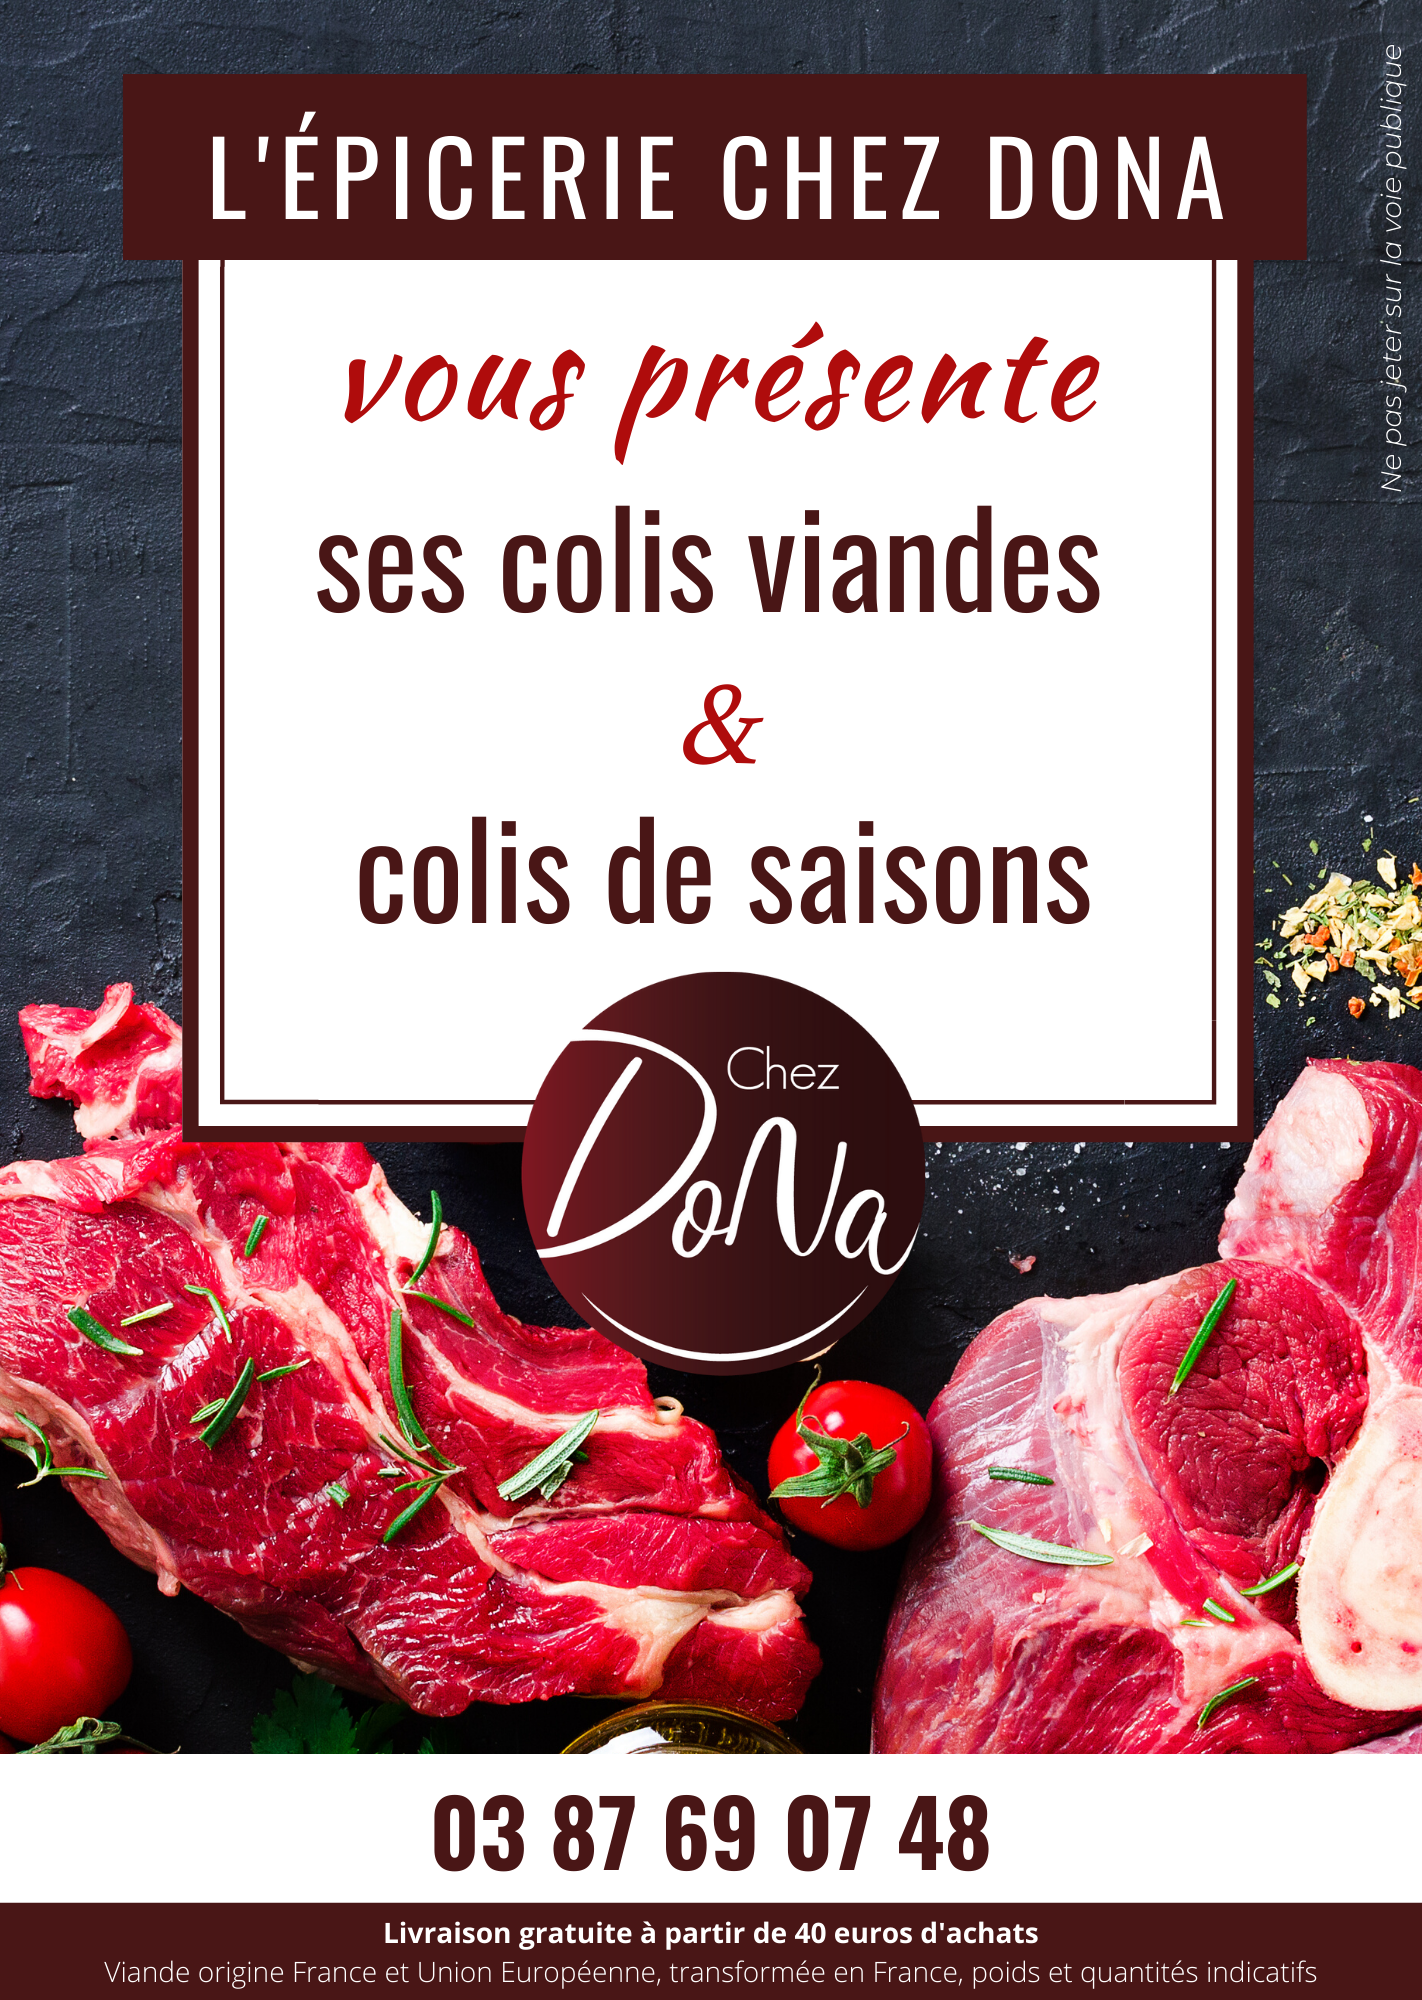 épicerie chez dona - colis viandes et de saisons